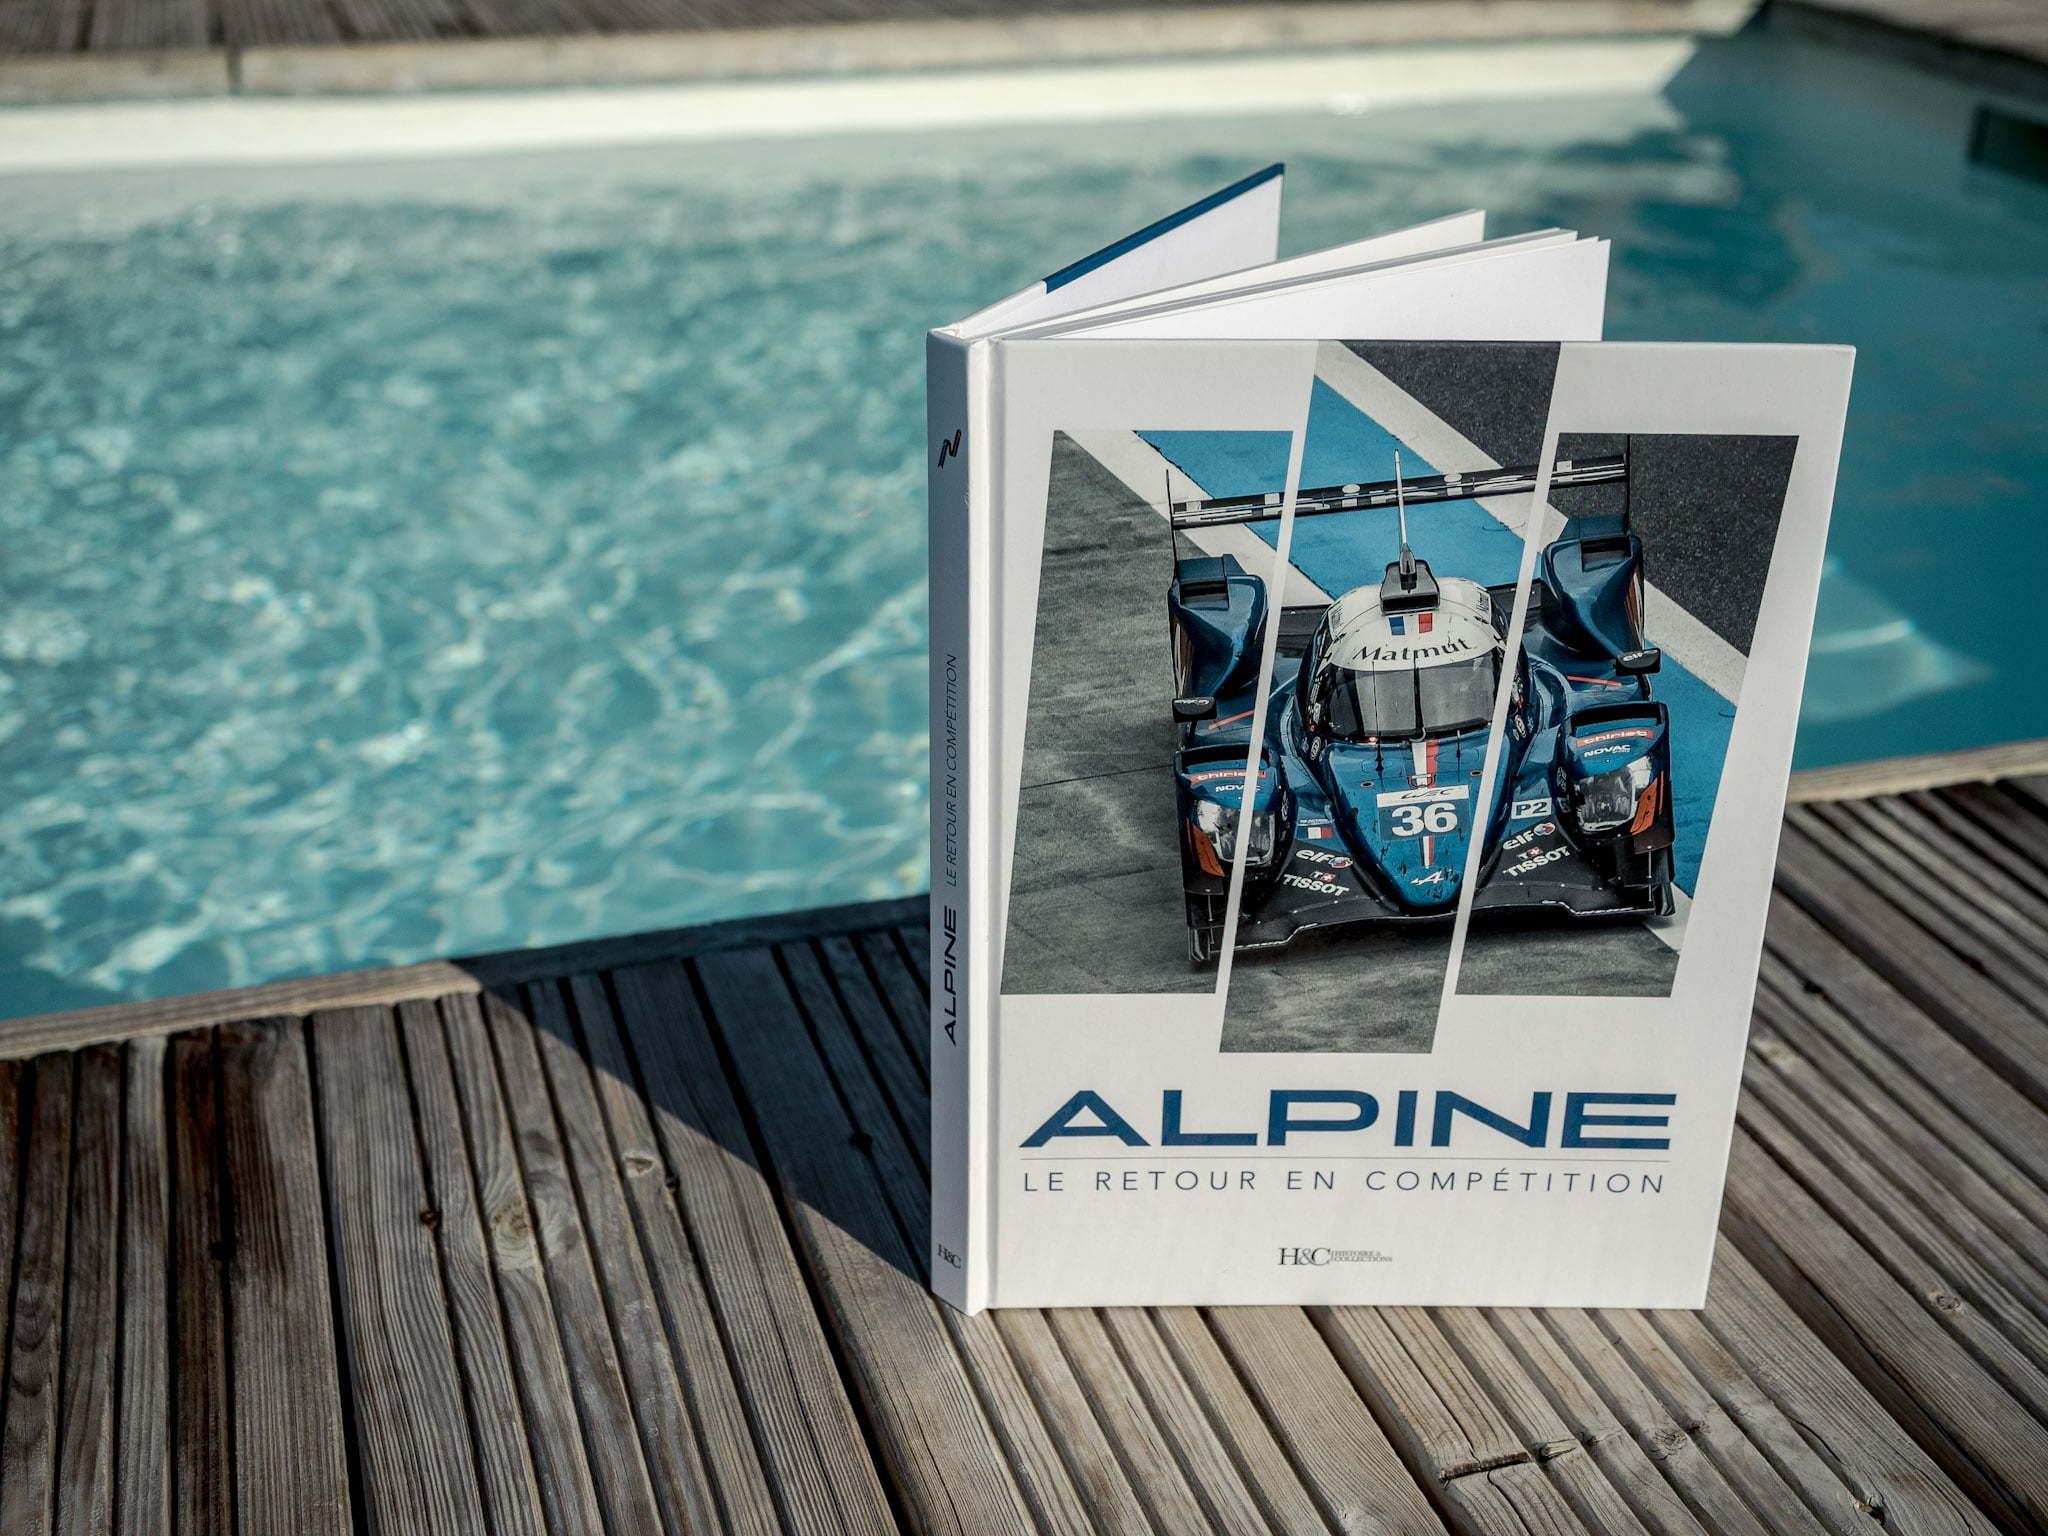 Les Alpinistes Livre Alpine A110 retour en competition Histoire et Collections 6 | 30 idées de cadeaux de Noël pour les passionnés d'Alpine